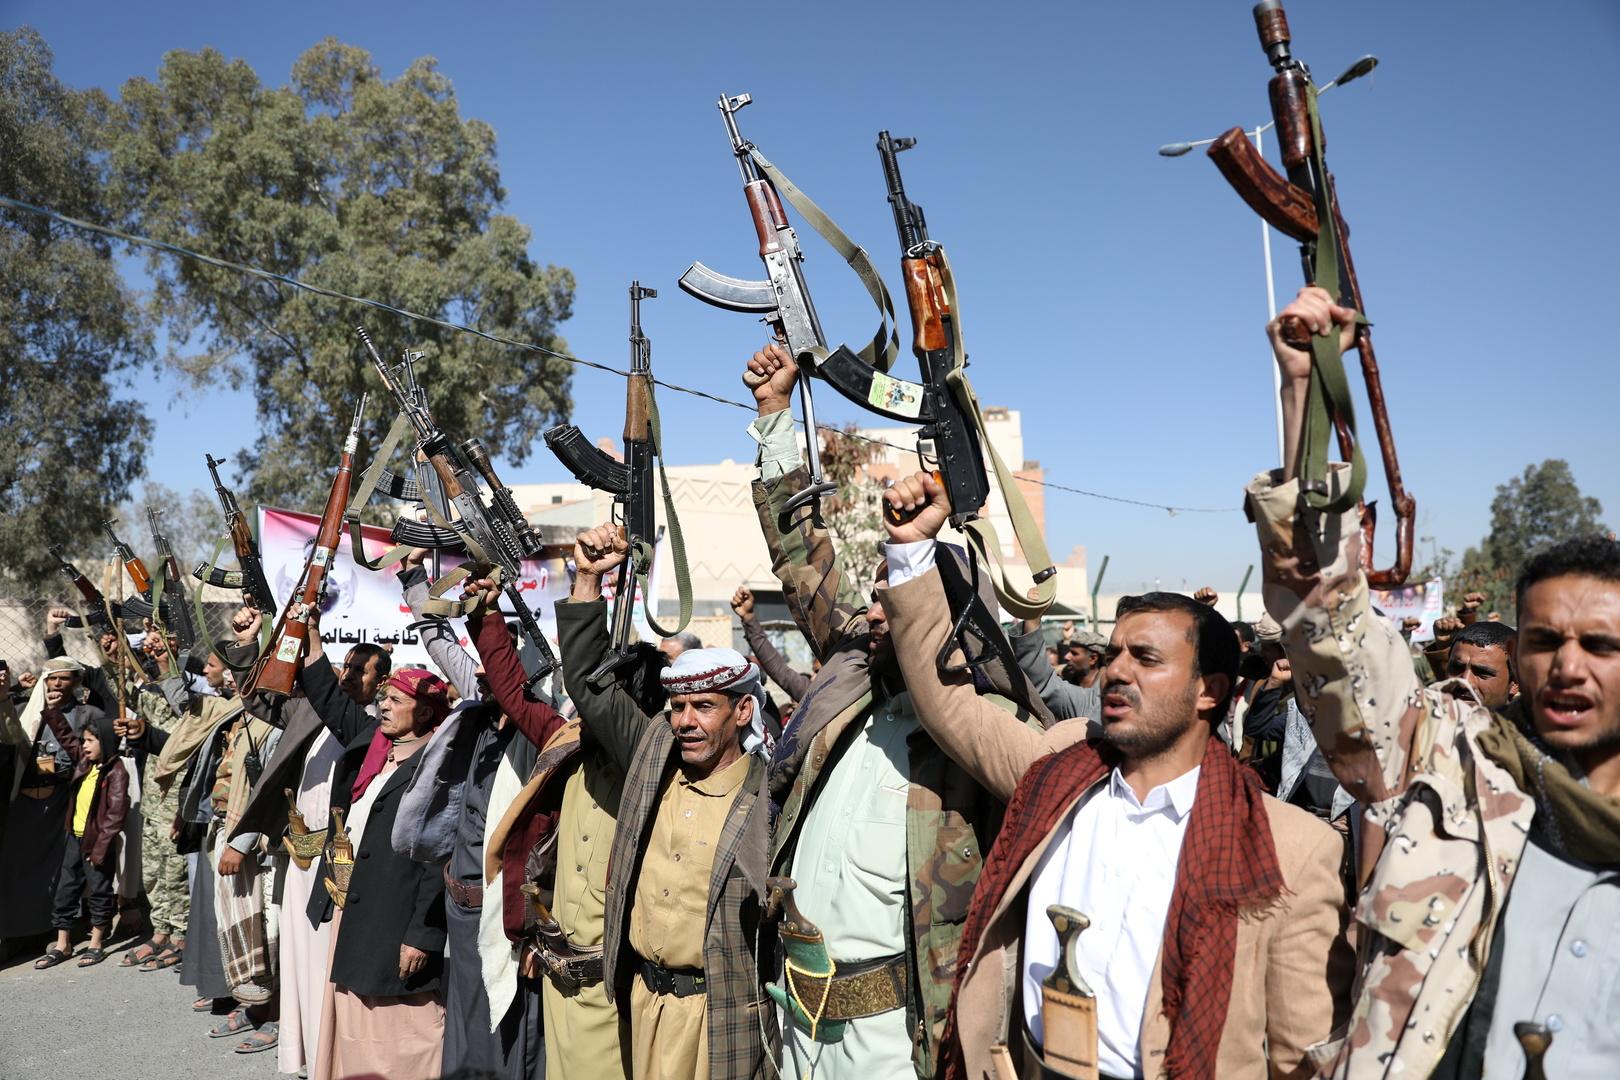 الحوثيون يعلنون مقتل العشرات من ضباط وجنود التحالف العربي في اليمن بعد استهدافهم معسكر صحن الجن